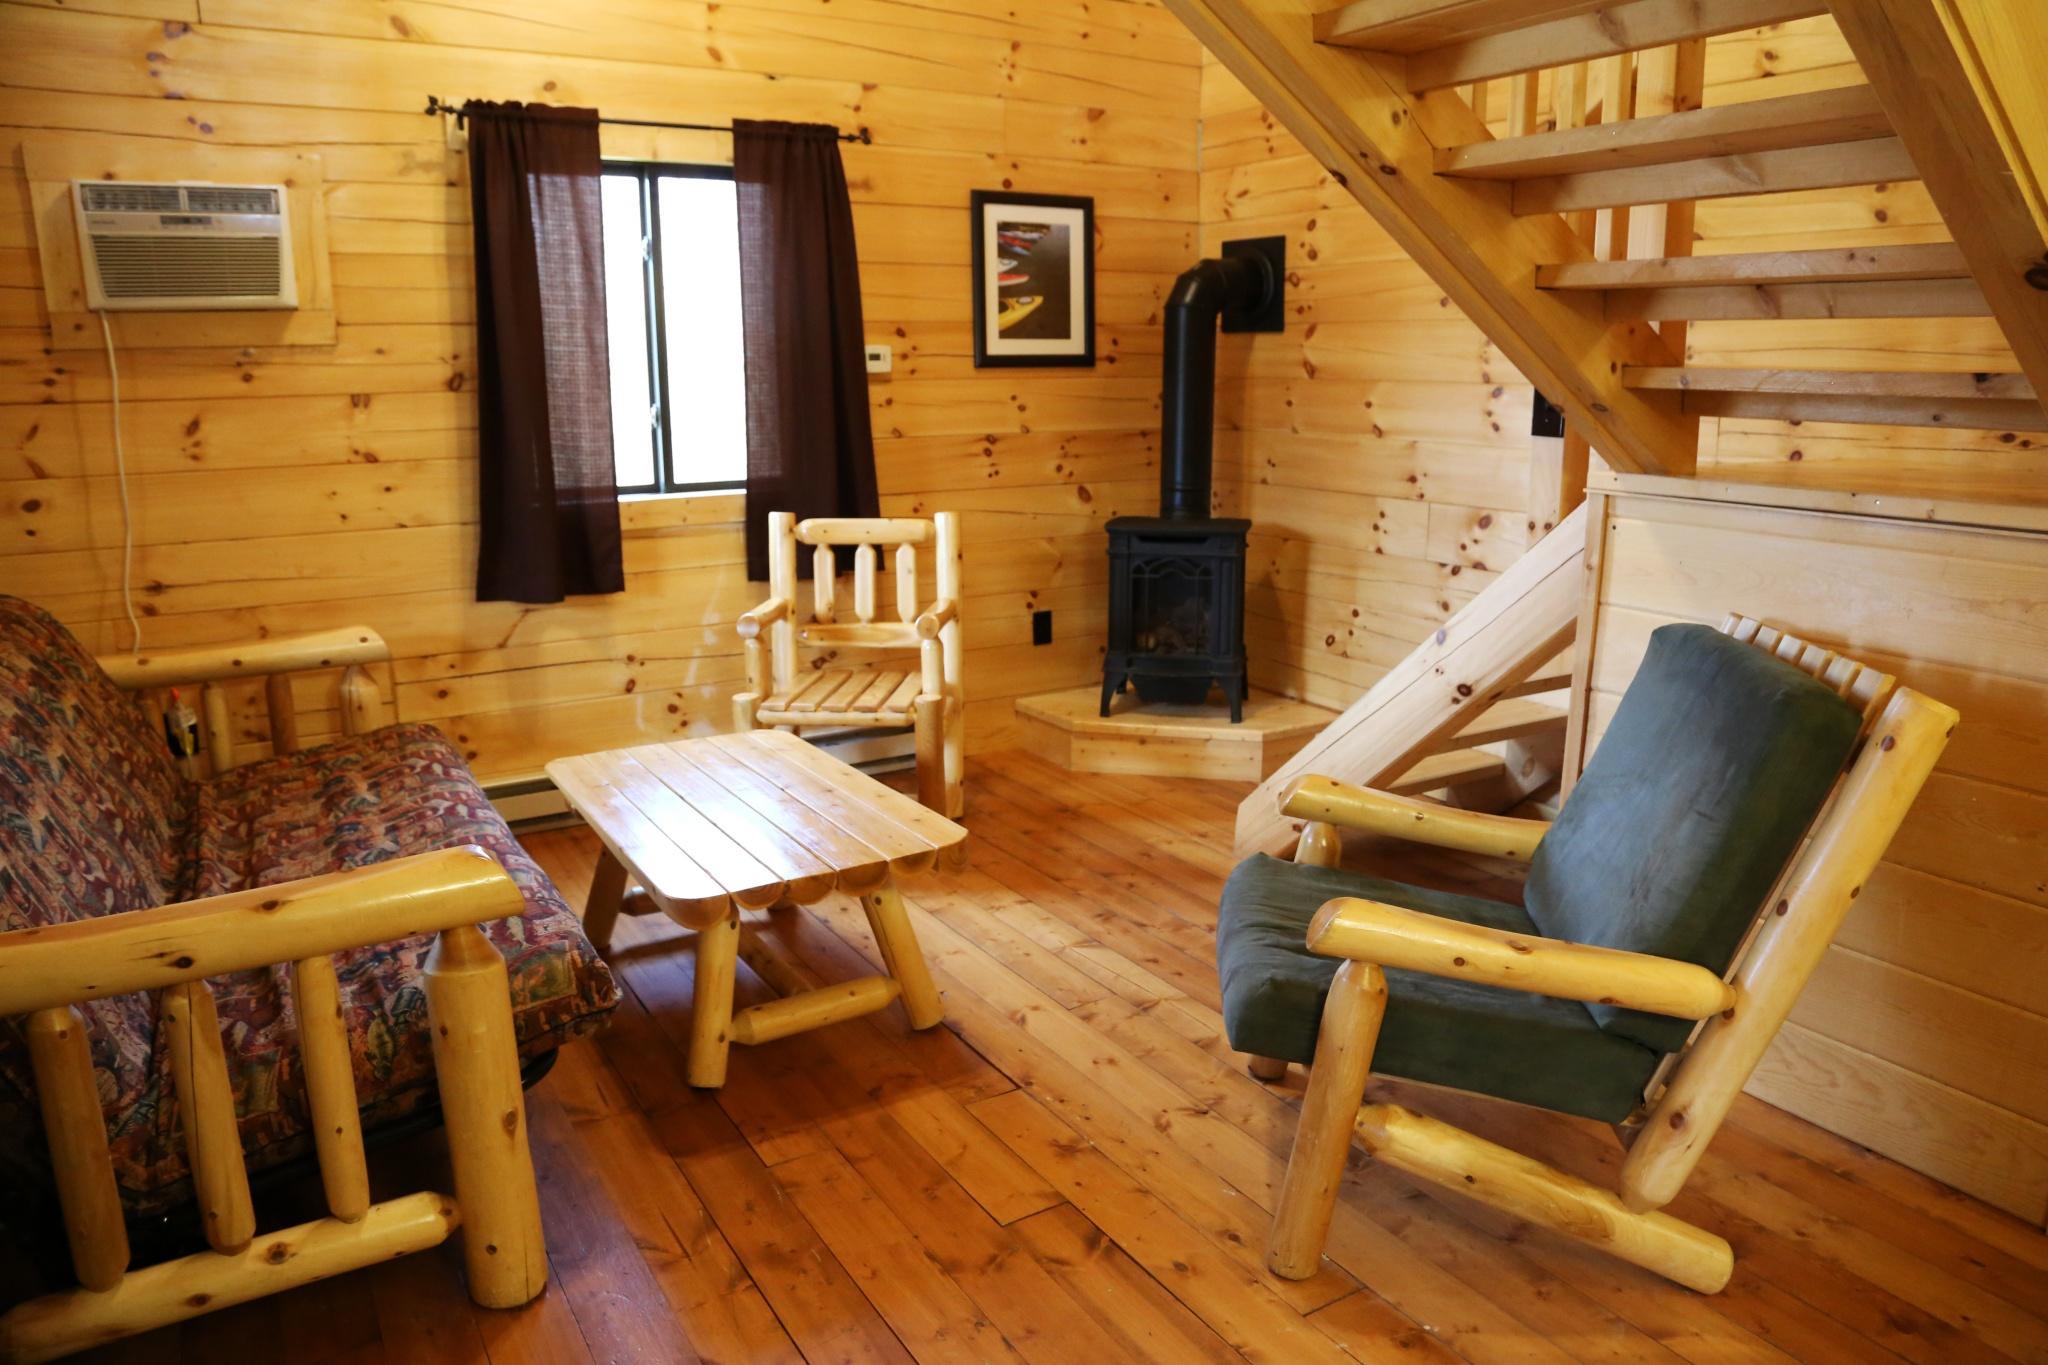 Deluxe Plus cabin living room